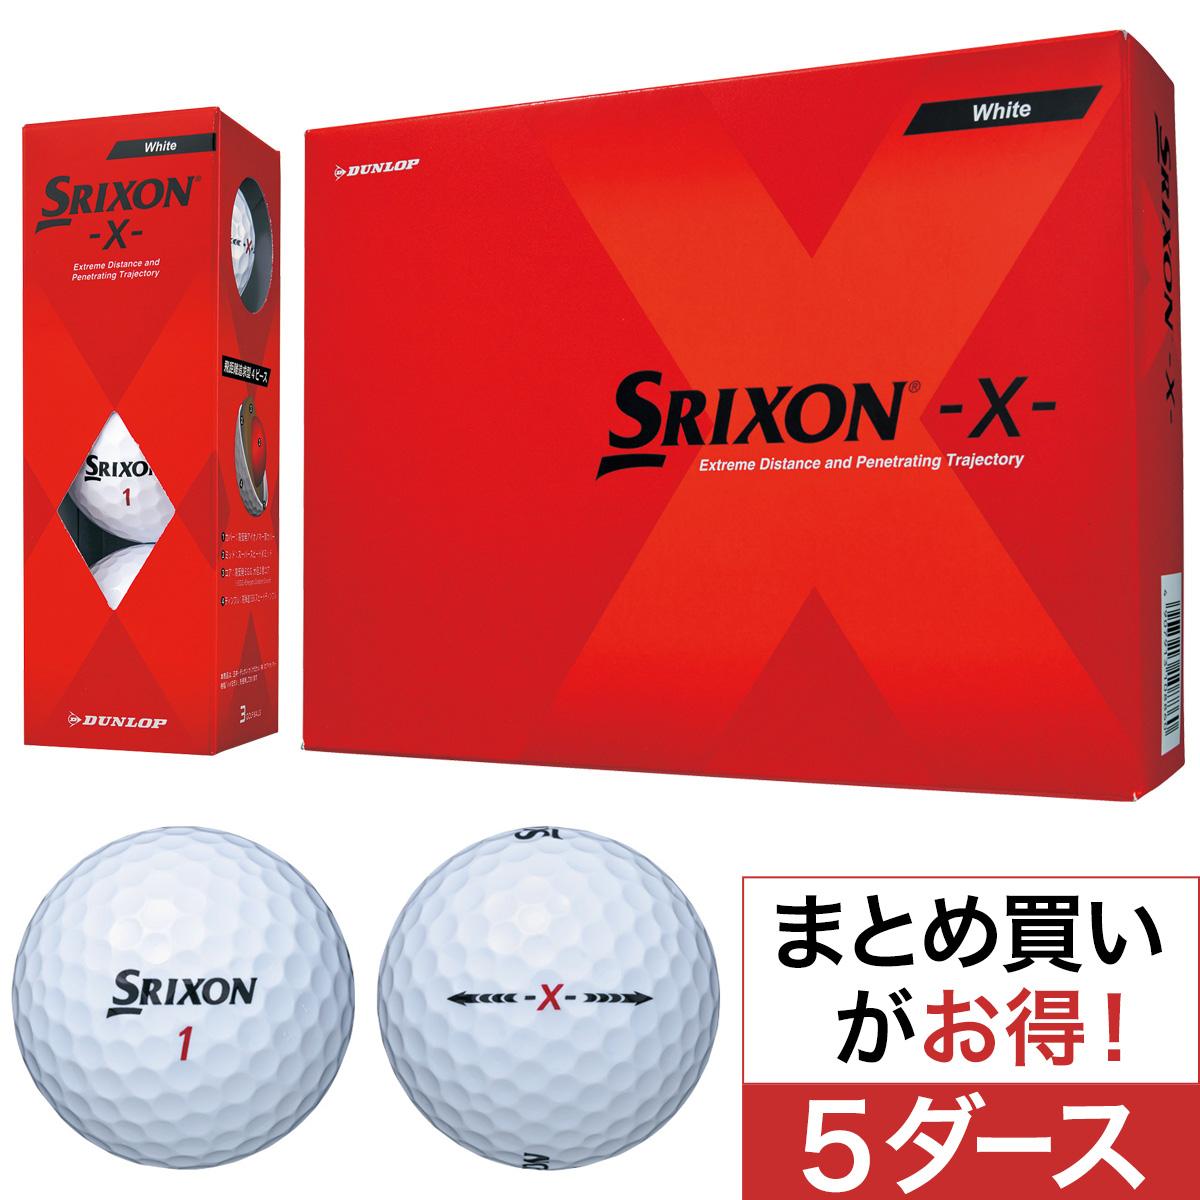 スリクソン X ボール 5ダースセット